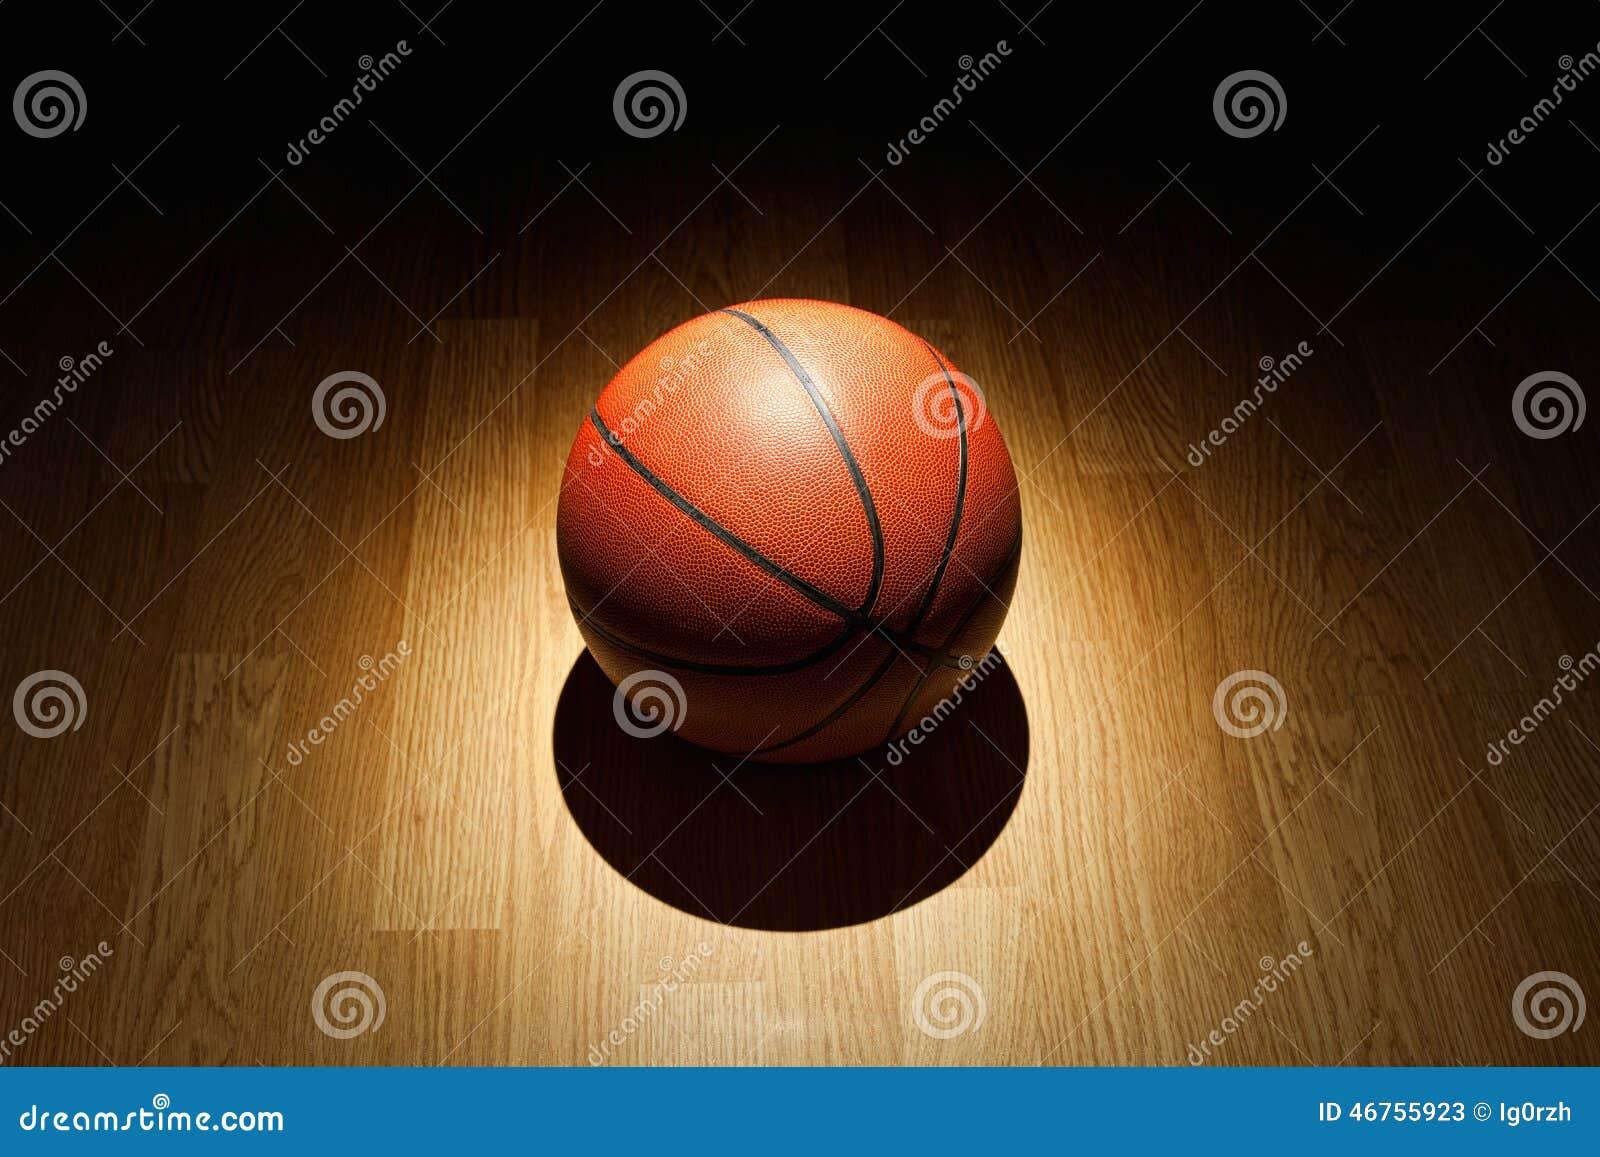 Baloncesto en corte